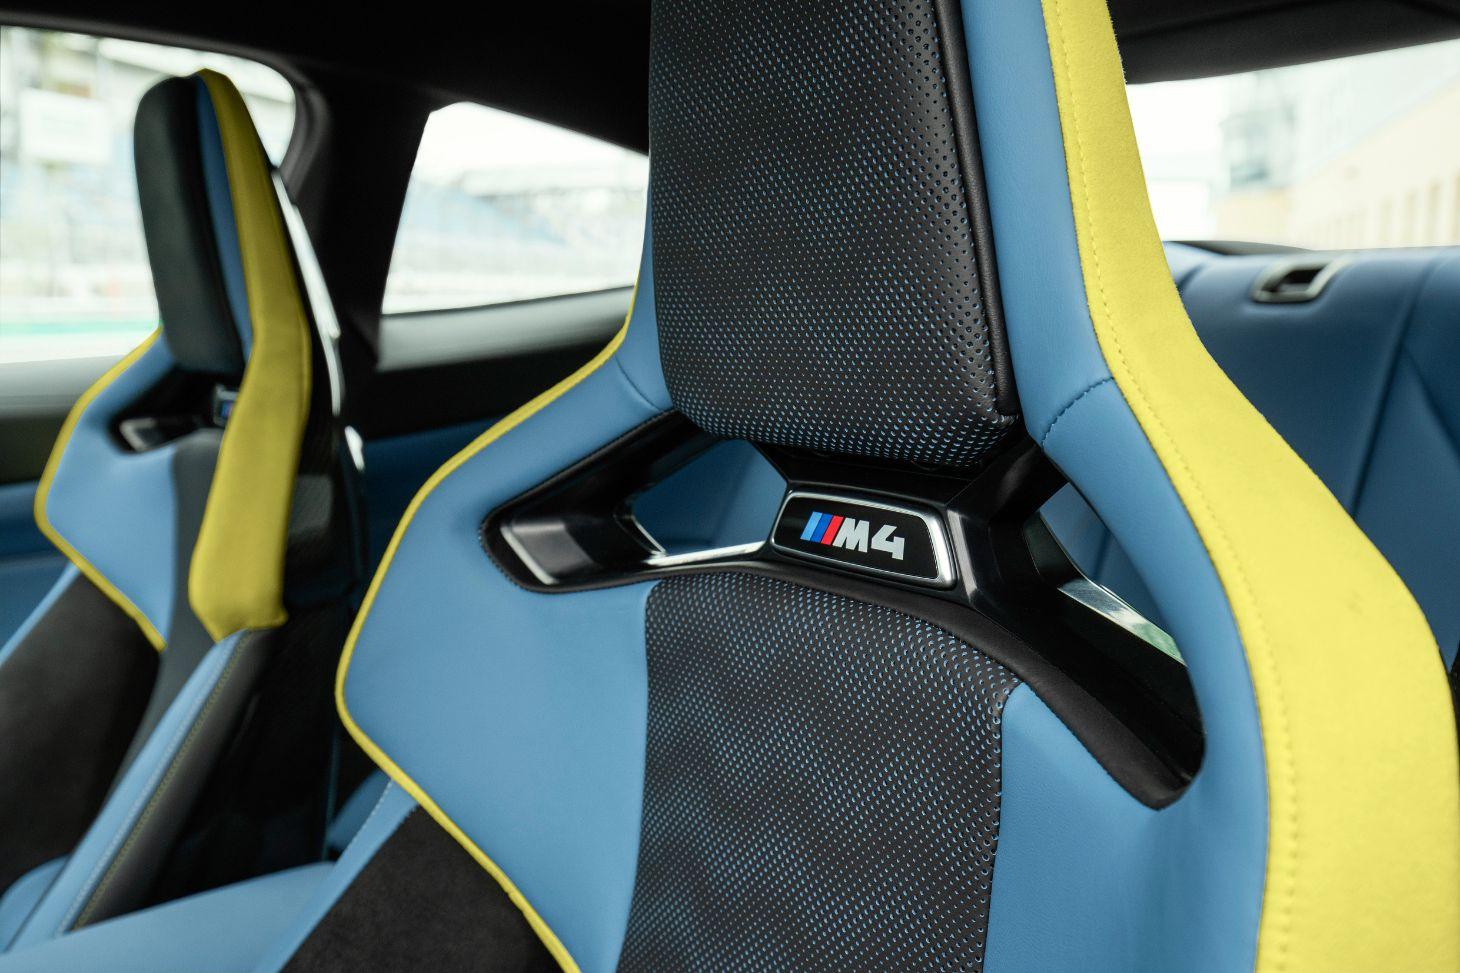 bancos esportivos do bmw m4 coupe azuis e amarelos